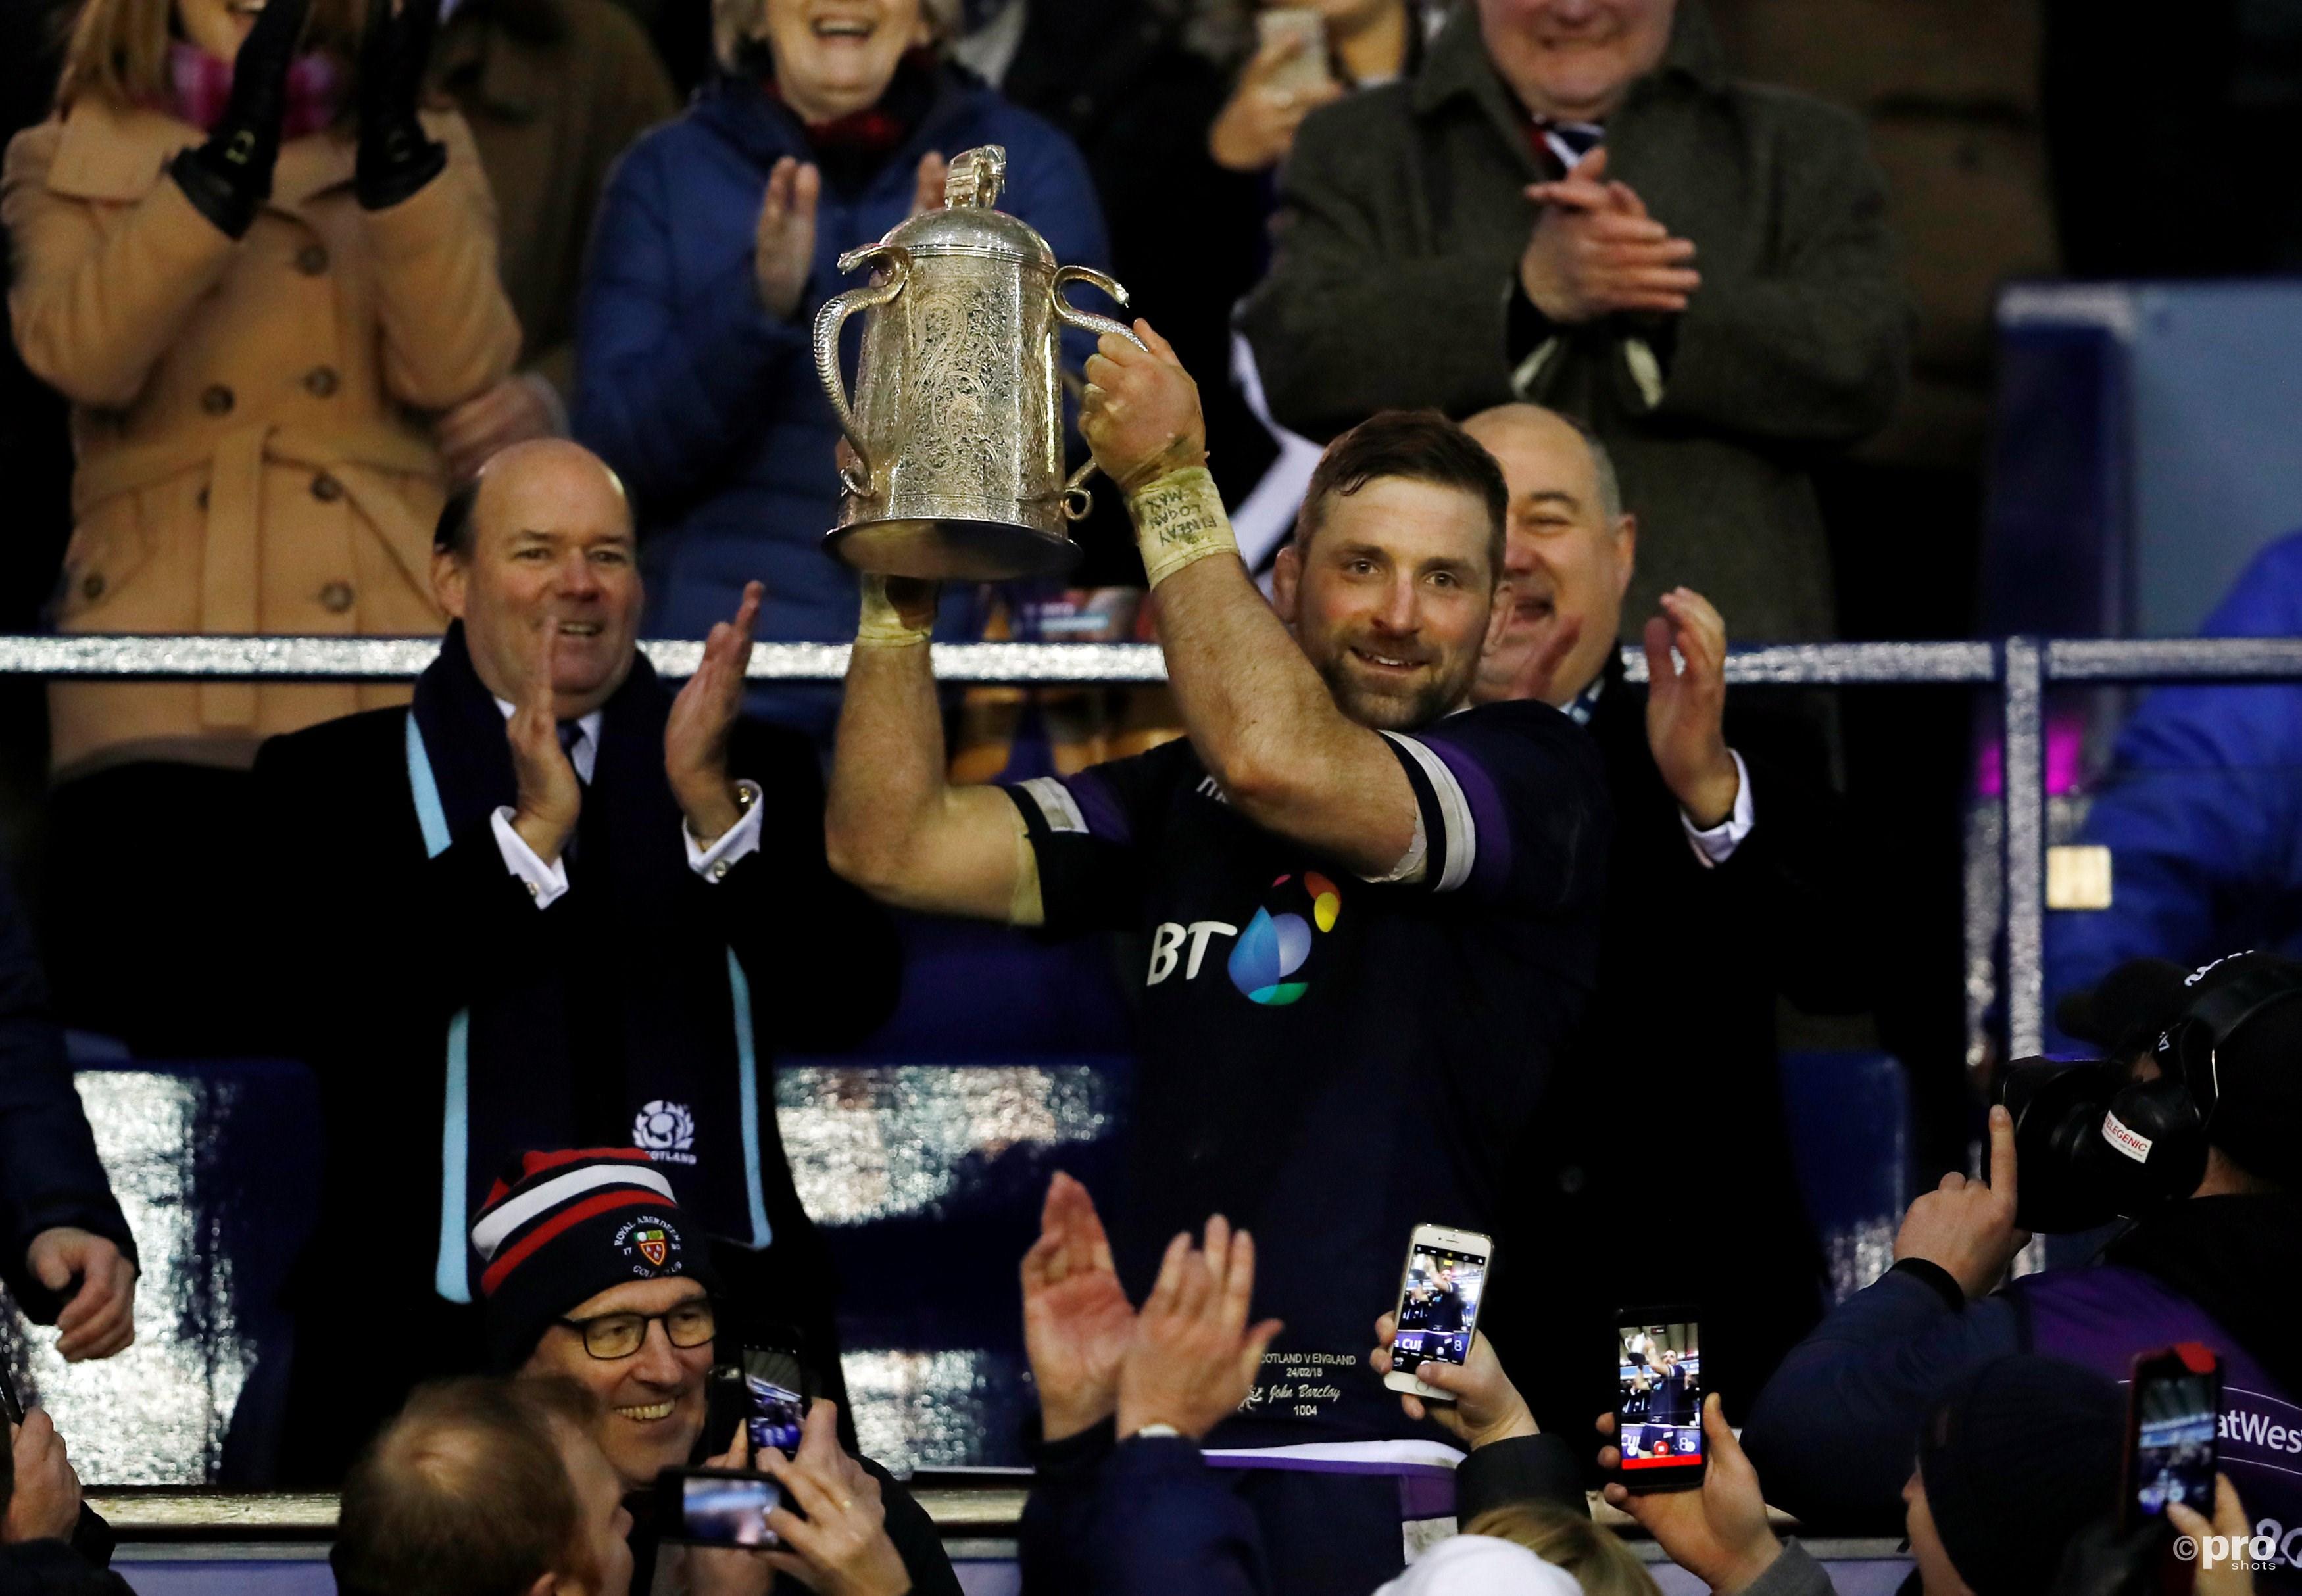 Aanvoerder John Barclay tilt de Calcutta Cup omhoog, de beker die naar de winnaar van het duel tussen Schotland en Engeland gaat (Pro Shots/Action Images)